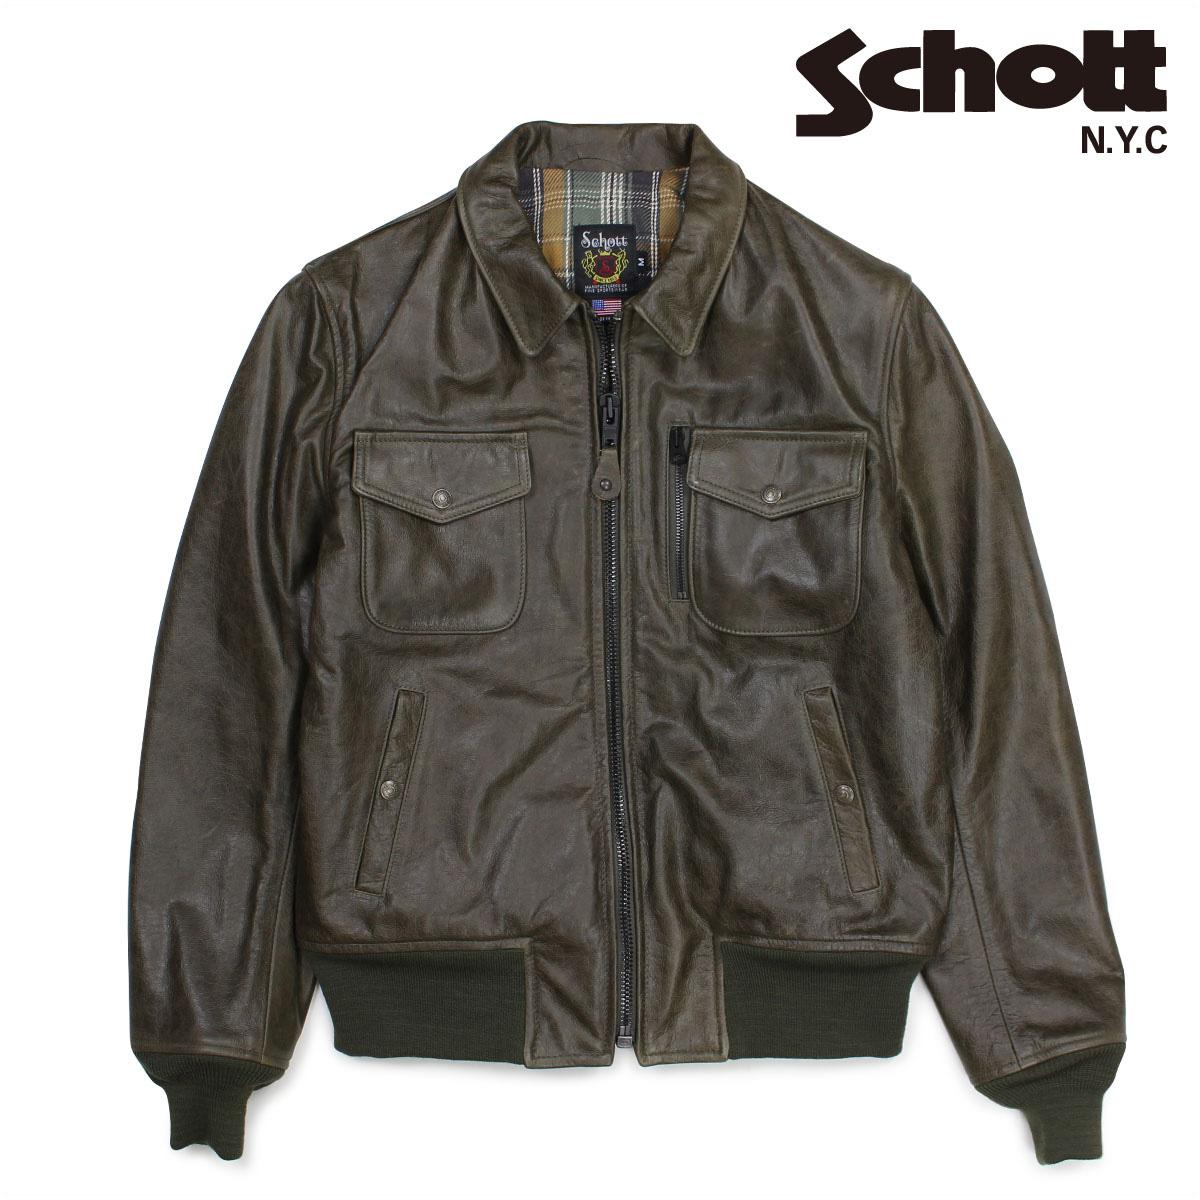 ショット Schott ライダースジャケット ジャケット レザージャケット メンズ PERFECTO LEATHER JACKET オリーブ 648 【決算セール 返品不可】